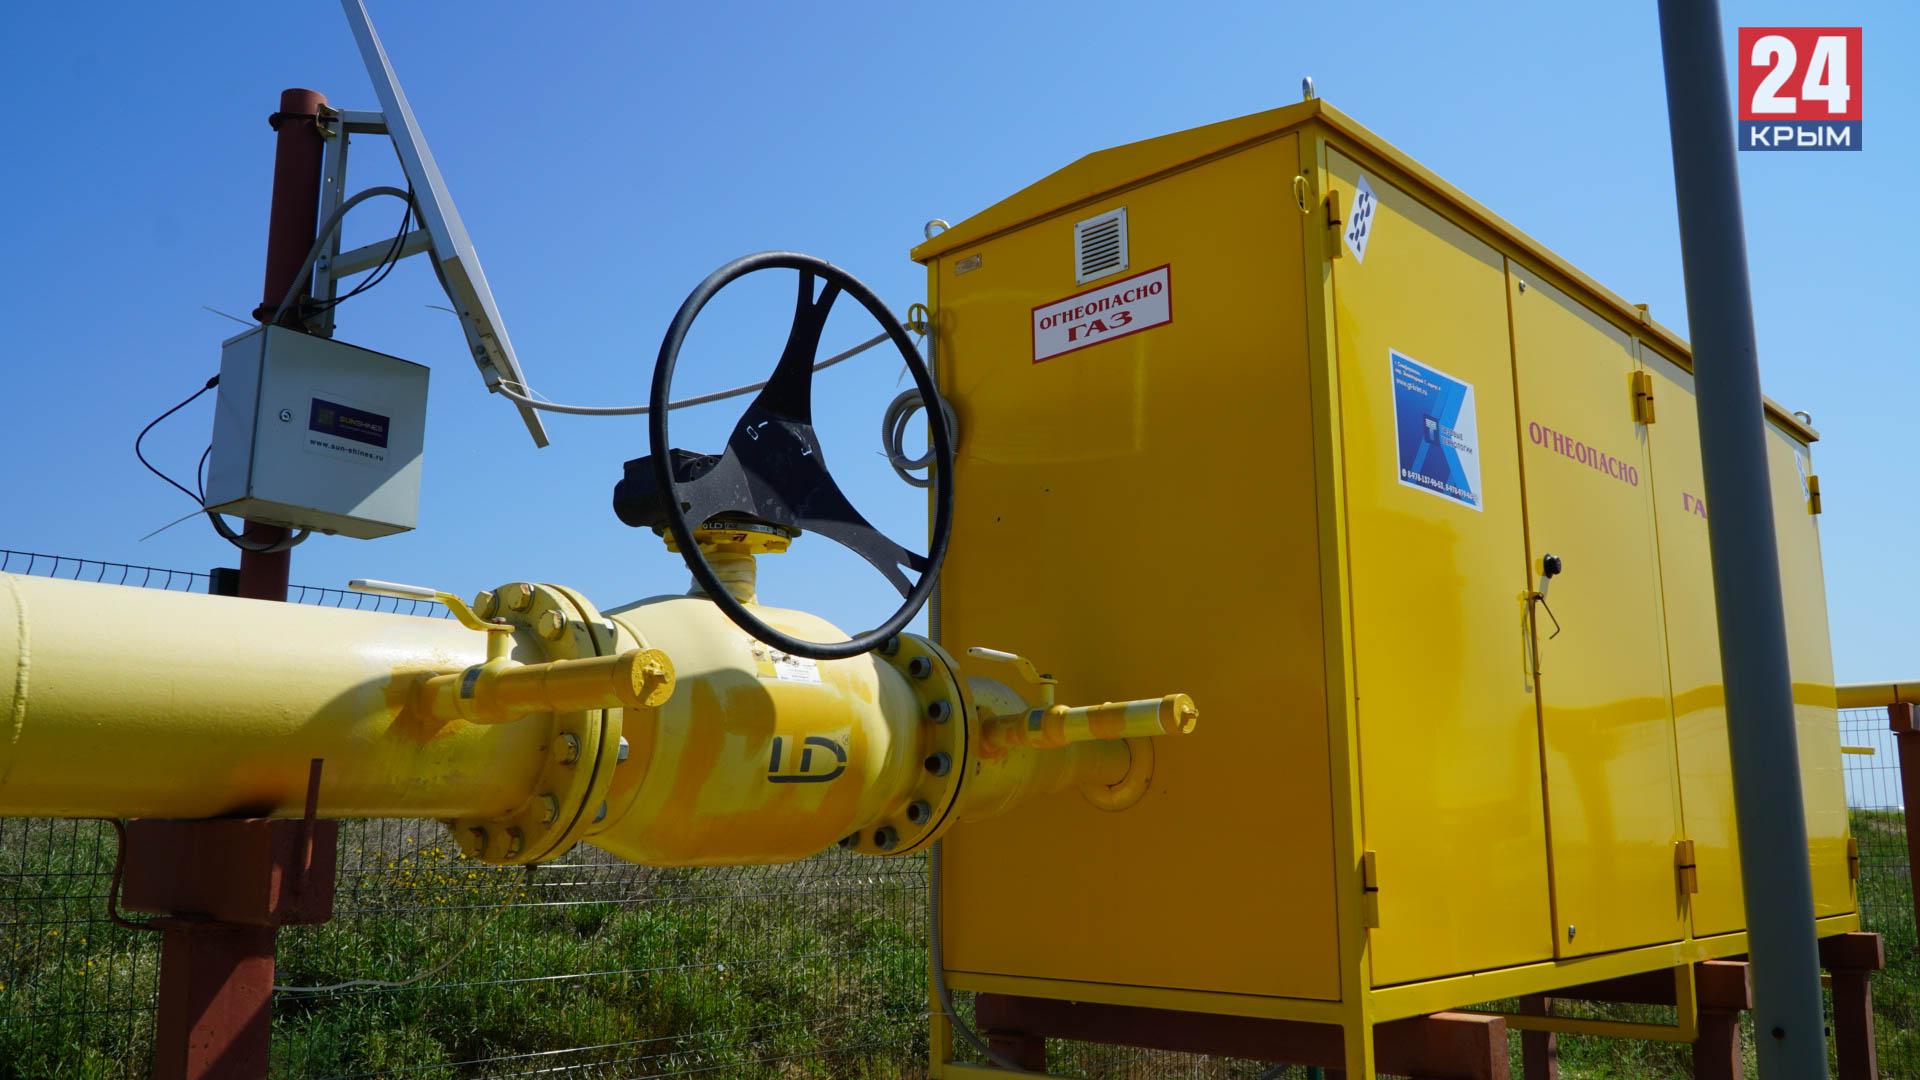 Для создания туристического кластера в Оленёвке строят сети газоснабжения и водоснабжения